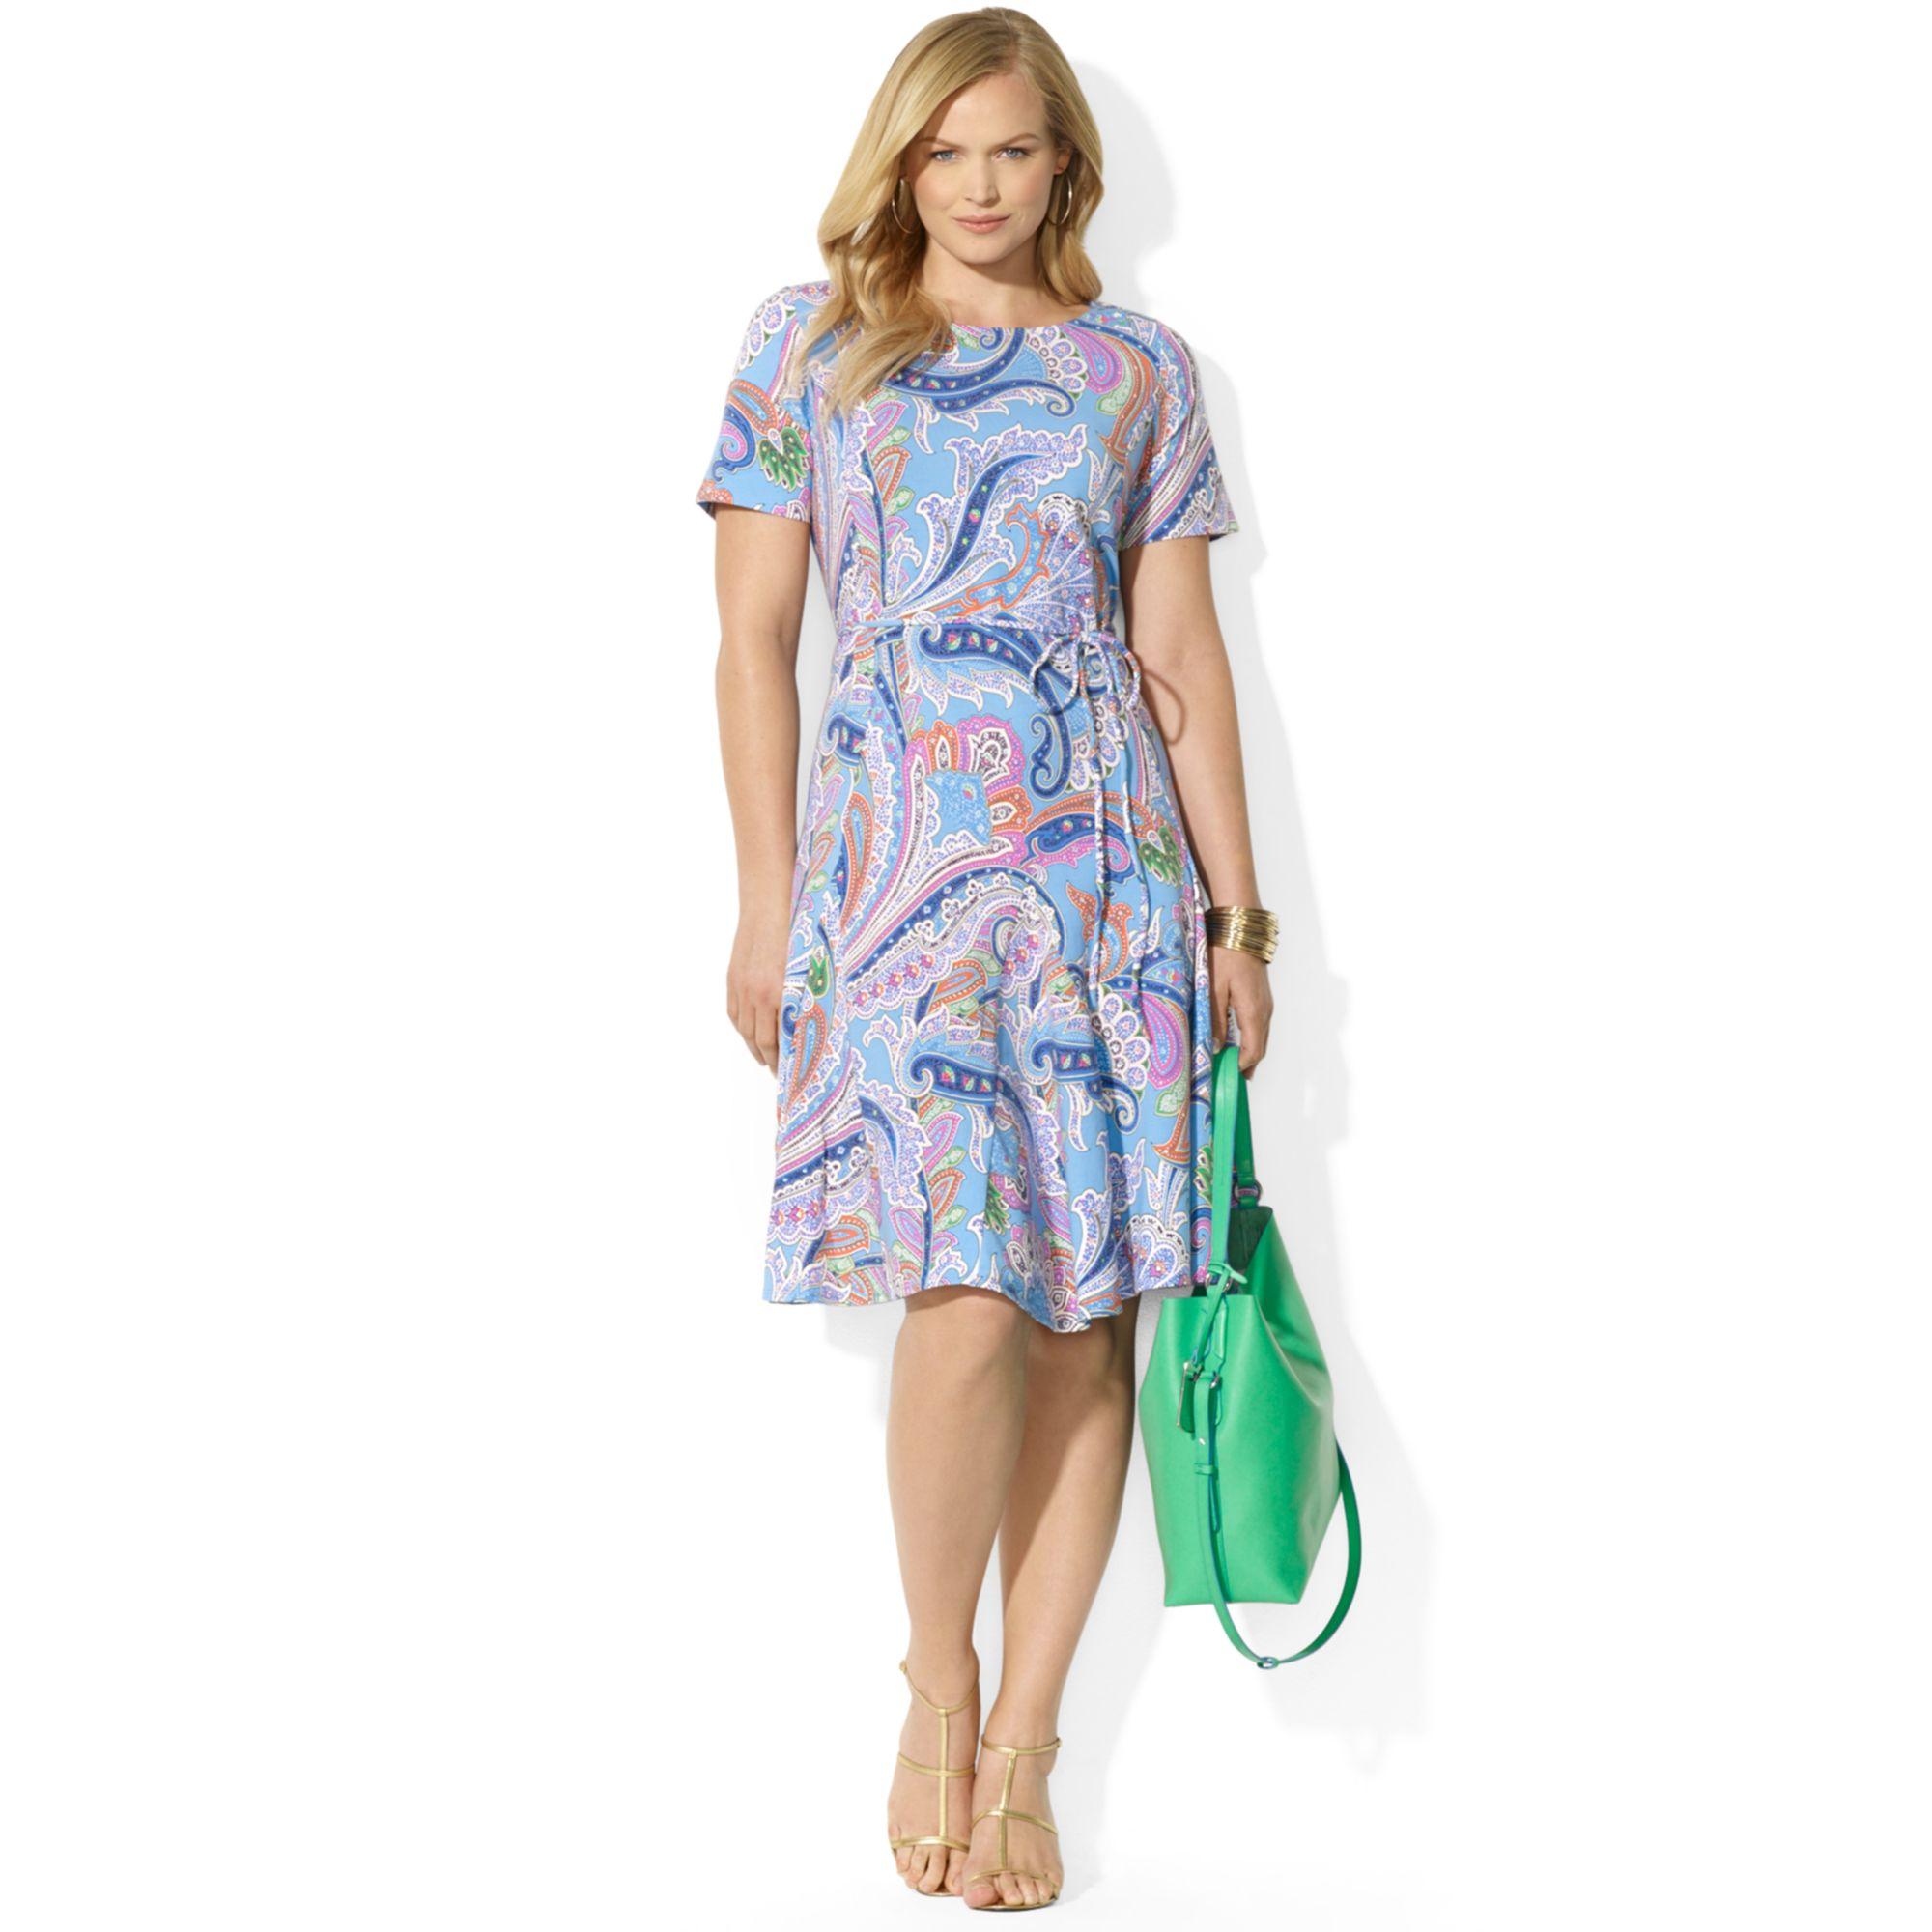 Lyst Lauren By Ralph Lauren Plus Size Short Sleeve Paisley Print A